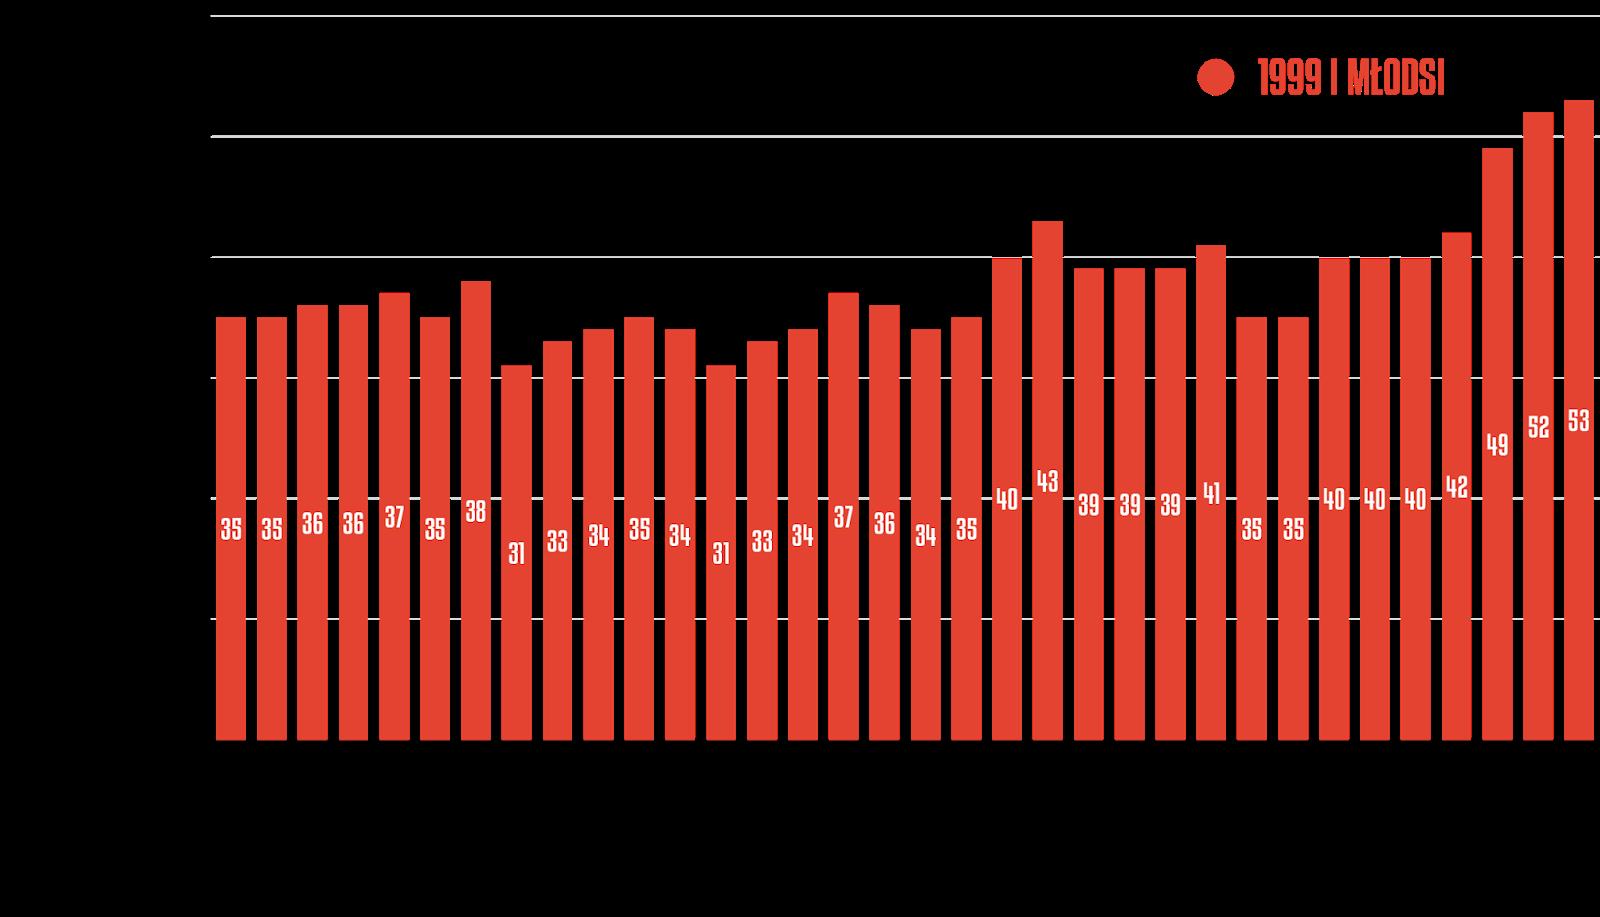 Liczba młodzieżowców w poszczególnych kolejkach Fortuna 1 Ligi 2019/20<br><br>Źródło: Opracowanie własne na podstawie 90minut.pl<br><br>graf. Bartosz Urban